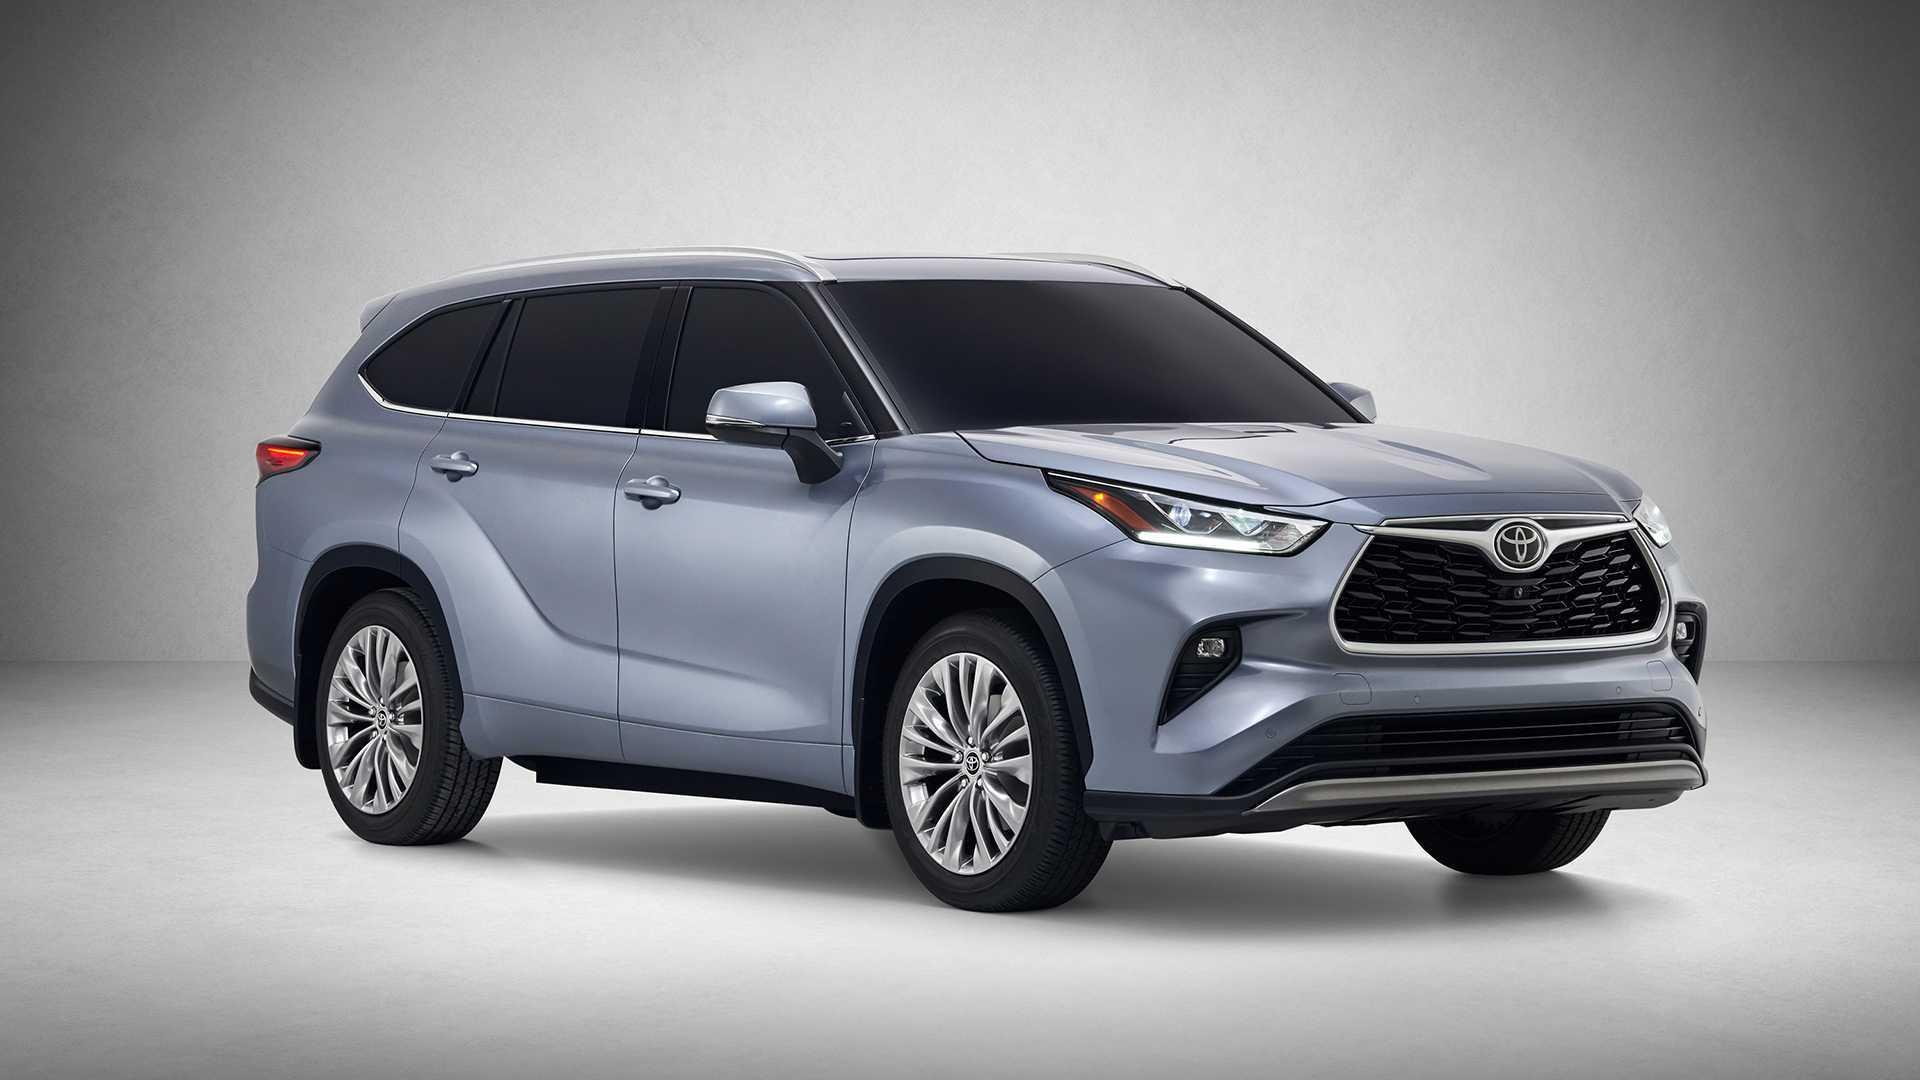 2020款丰田汉兰达官图曝光,外观像新款RAV4,新增混合动力 车型